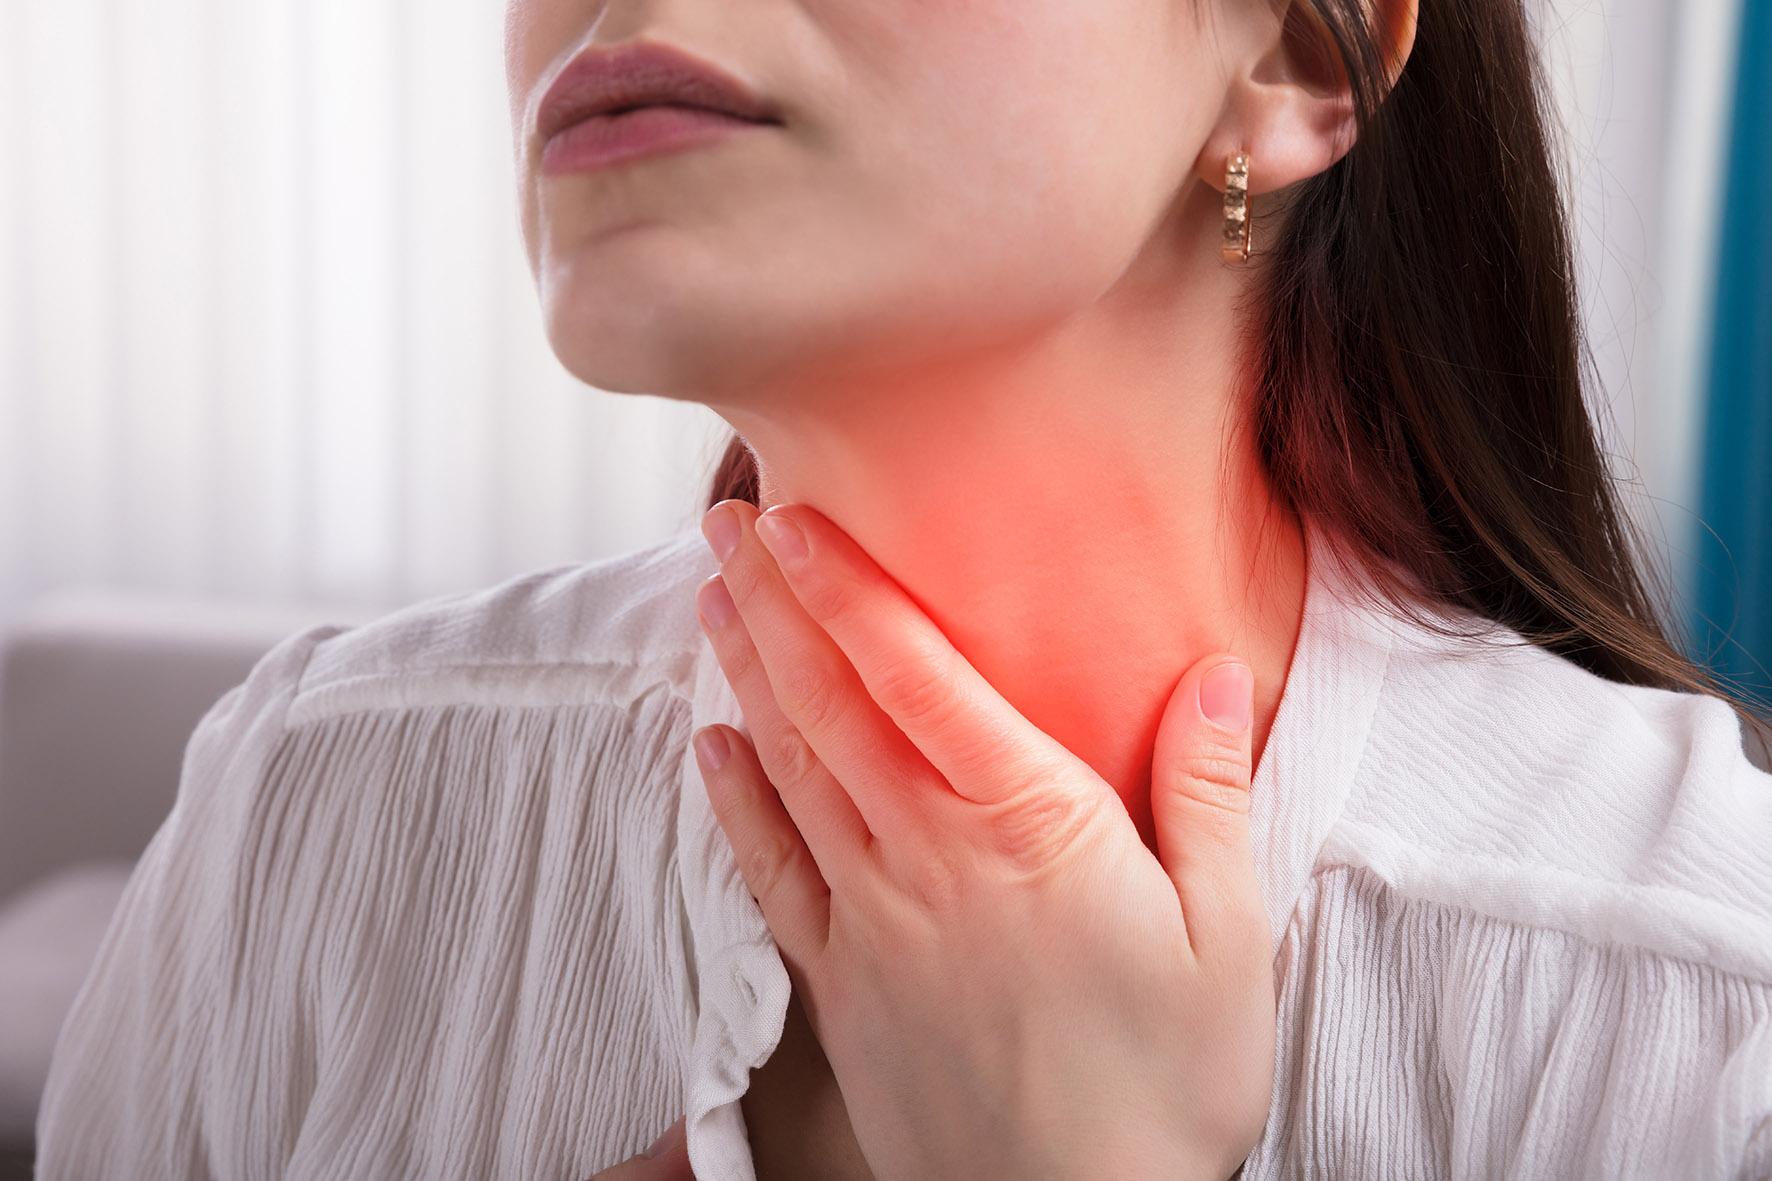 Uzun süren boğaz ağrısında 'gırtlak kanseri' (larenks)  şüphesi